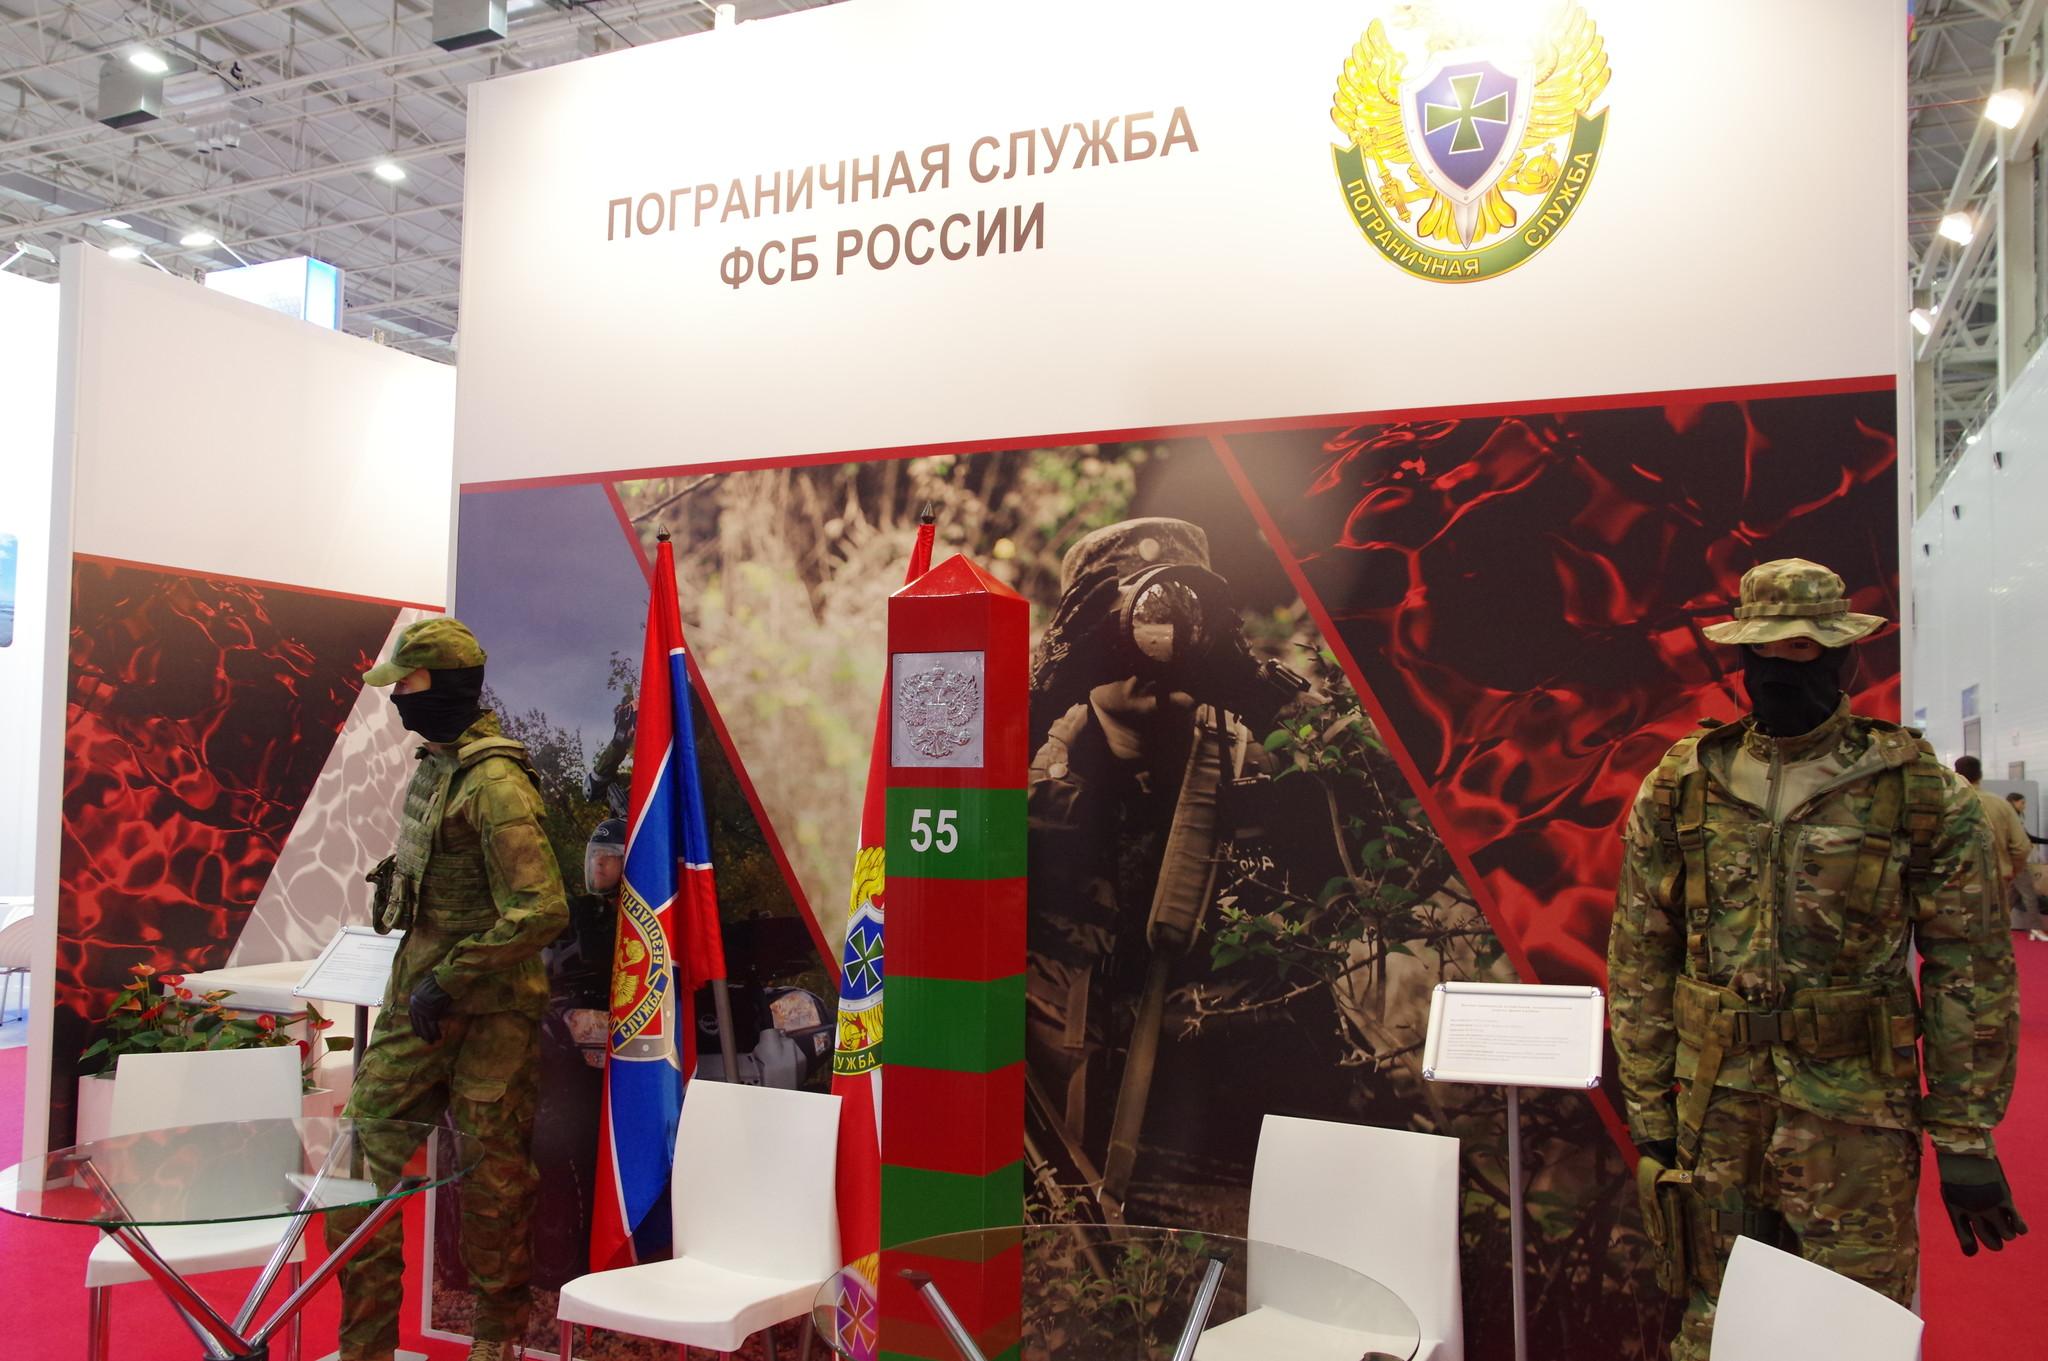 Стенд Пограничной службы ФСБ России